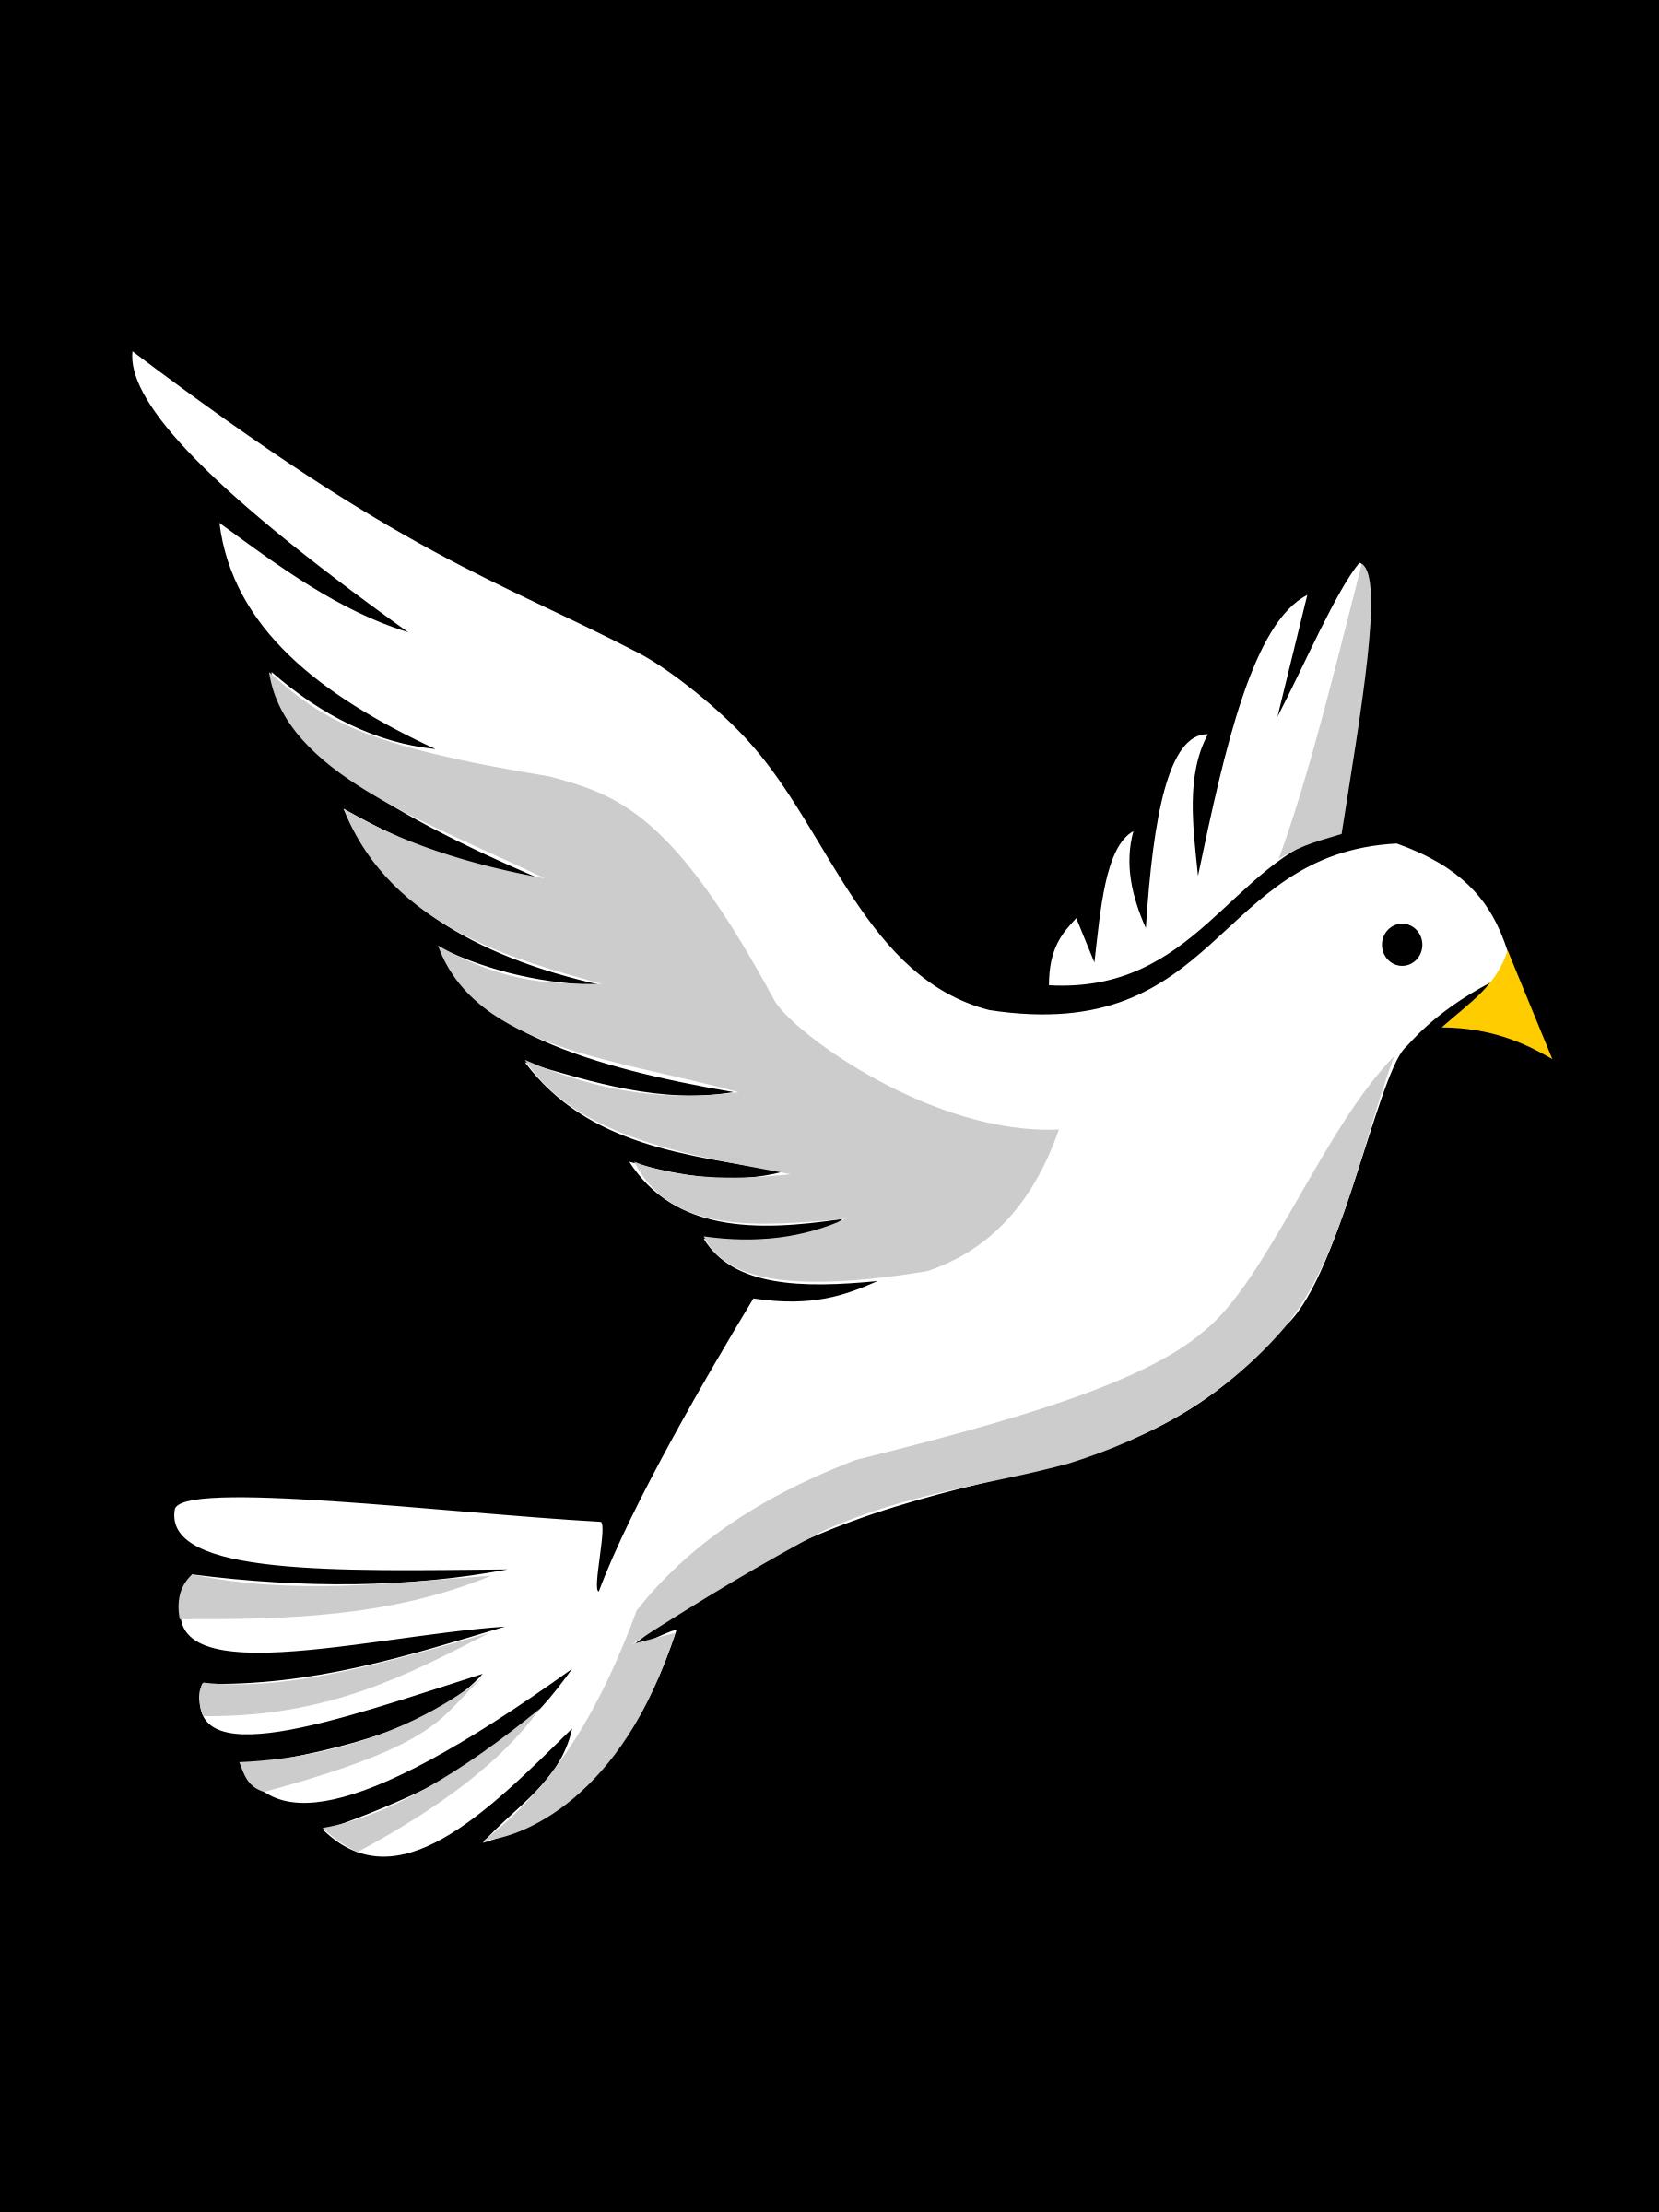 clip art black and white library Religious Dove Clip Art